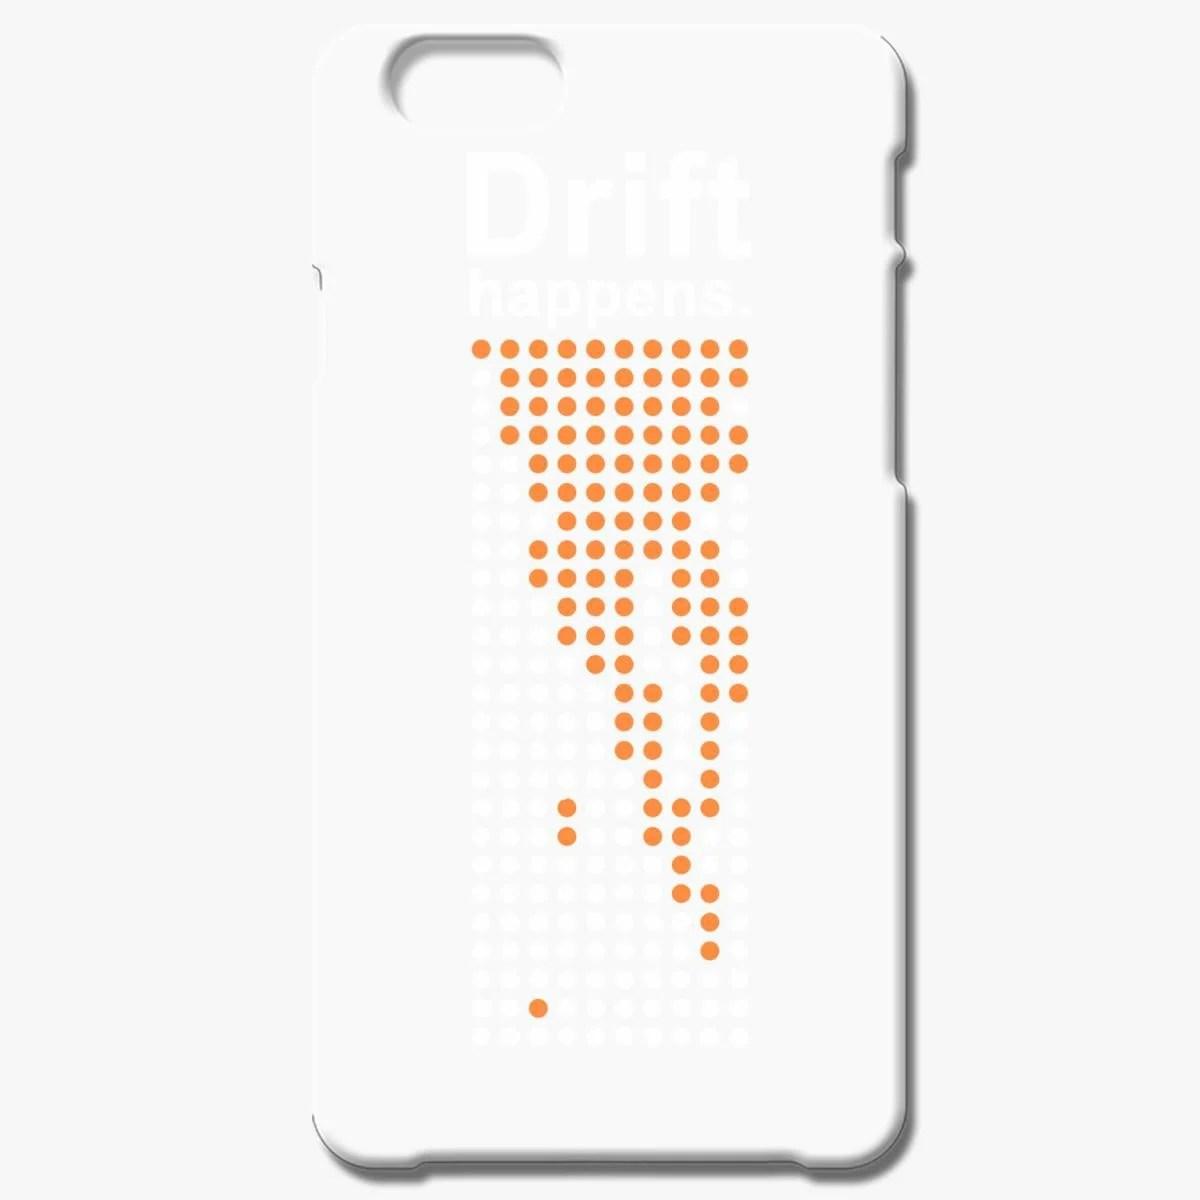 Drift Happens Iphone 6 6s Plus Case